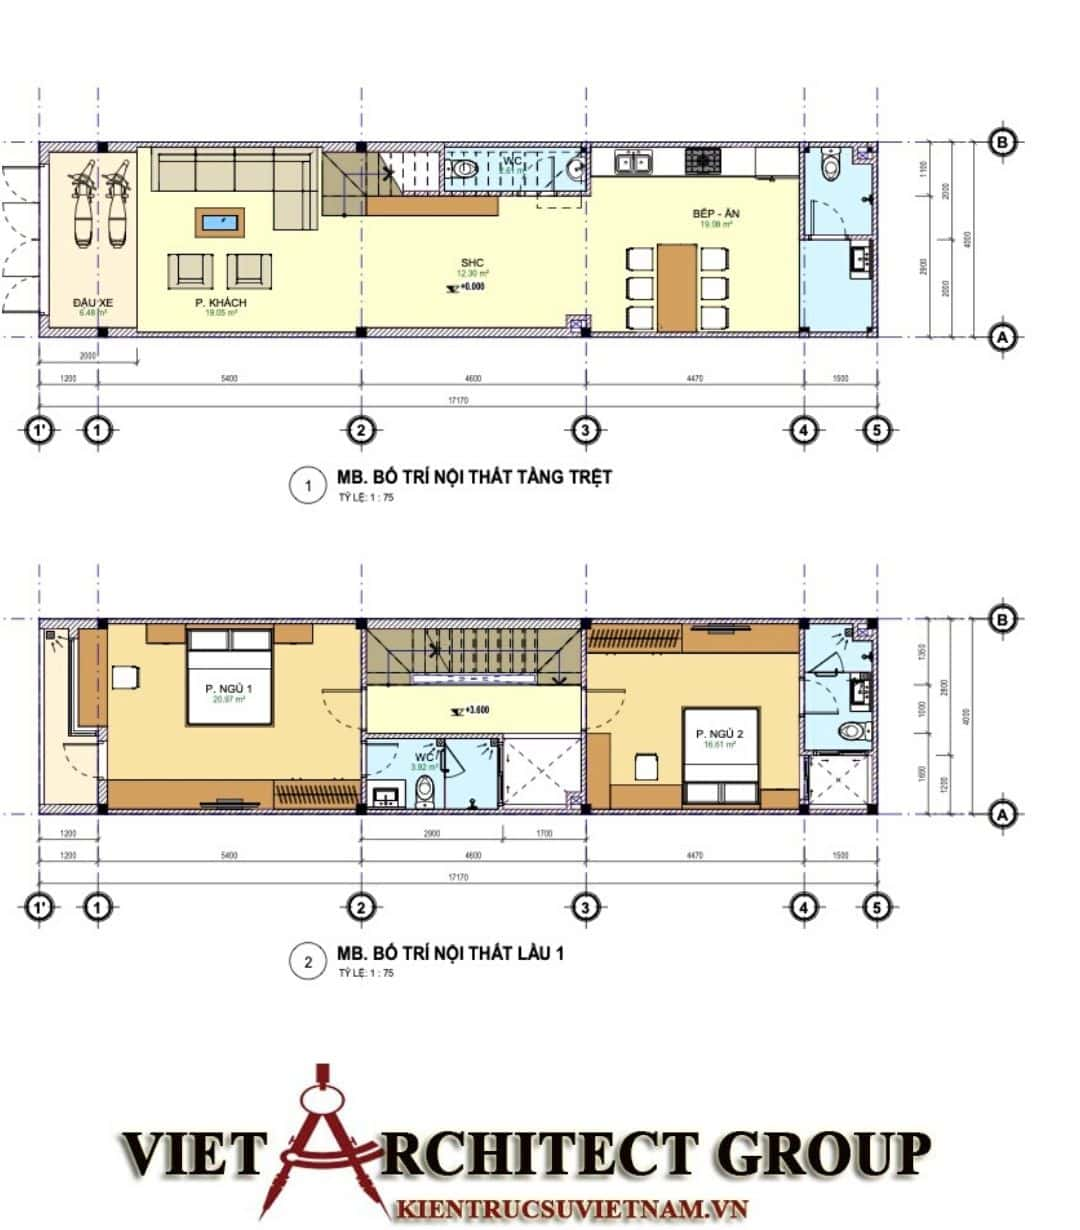 5 30 - Công trình nhà phố mặt tiền 4m 1 trệt 2 lầu sân thượng chị Hải - Thủ Đức